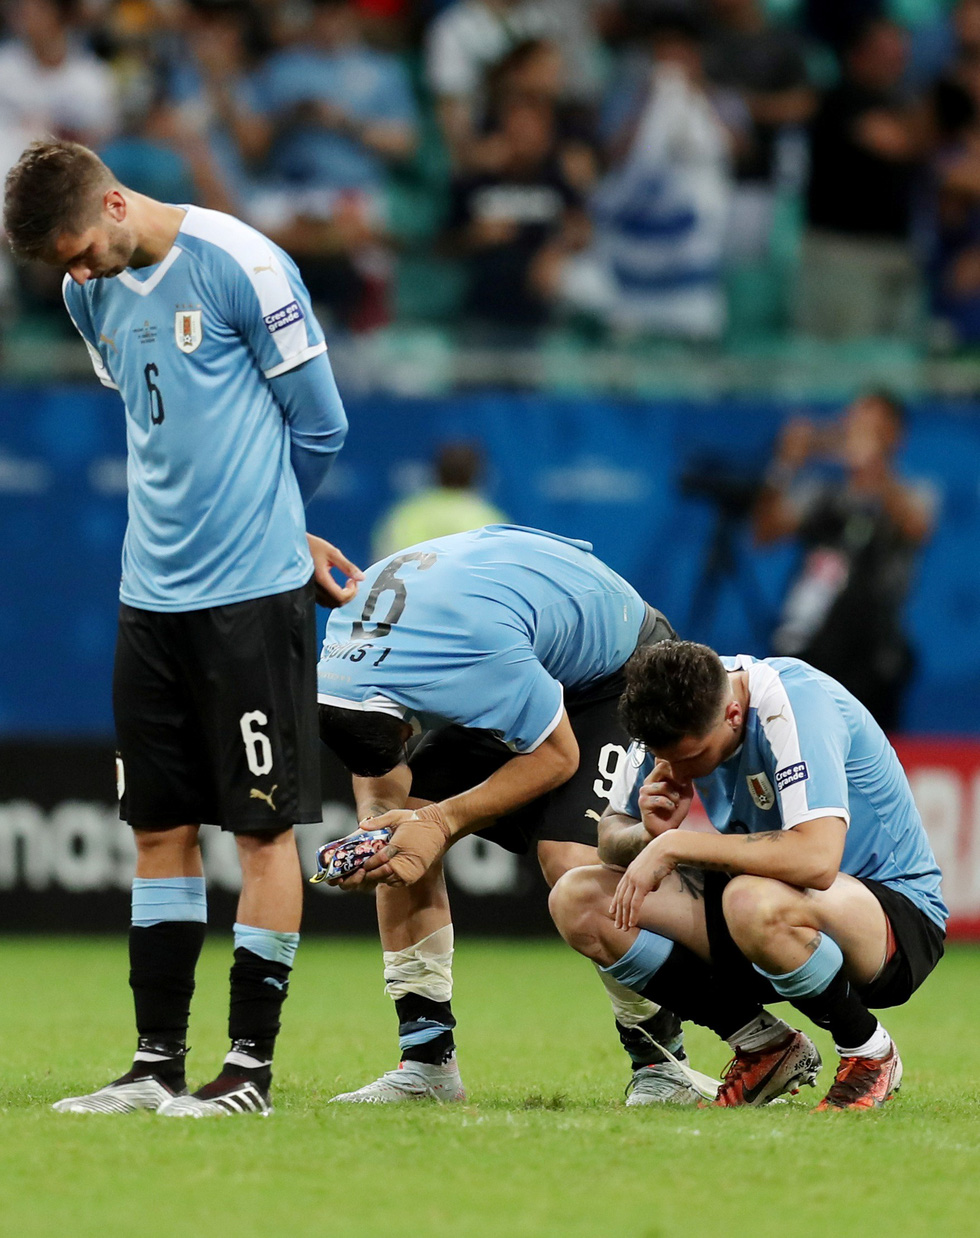 Suarez sụp đổ sau khi đá hỏng luân lưu khiến Uruguay bị loại - Ảnh 6.